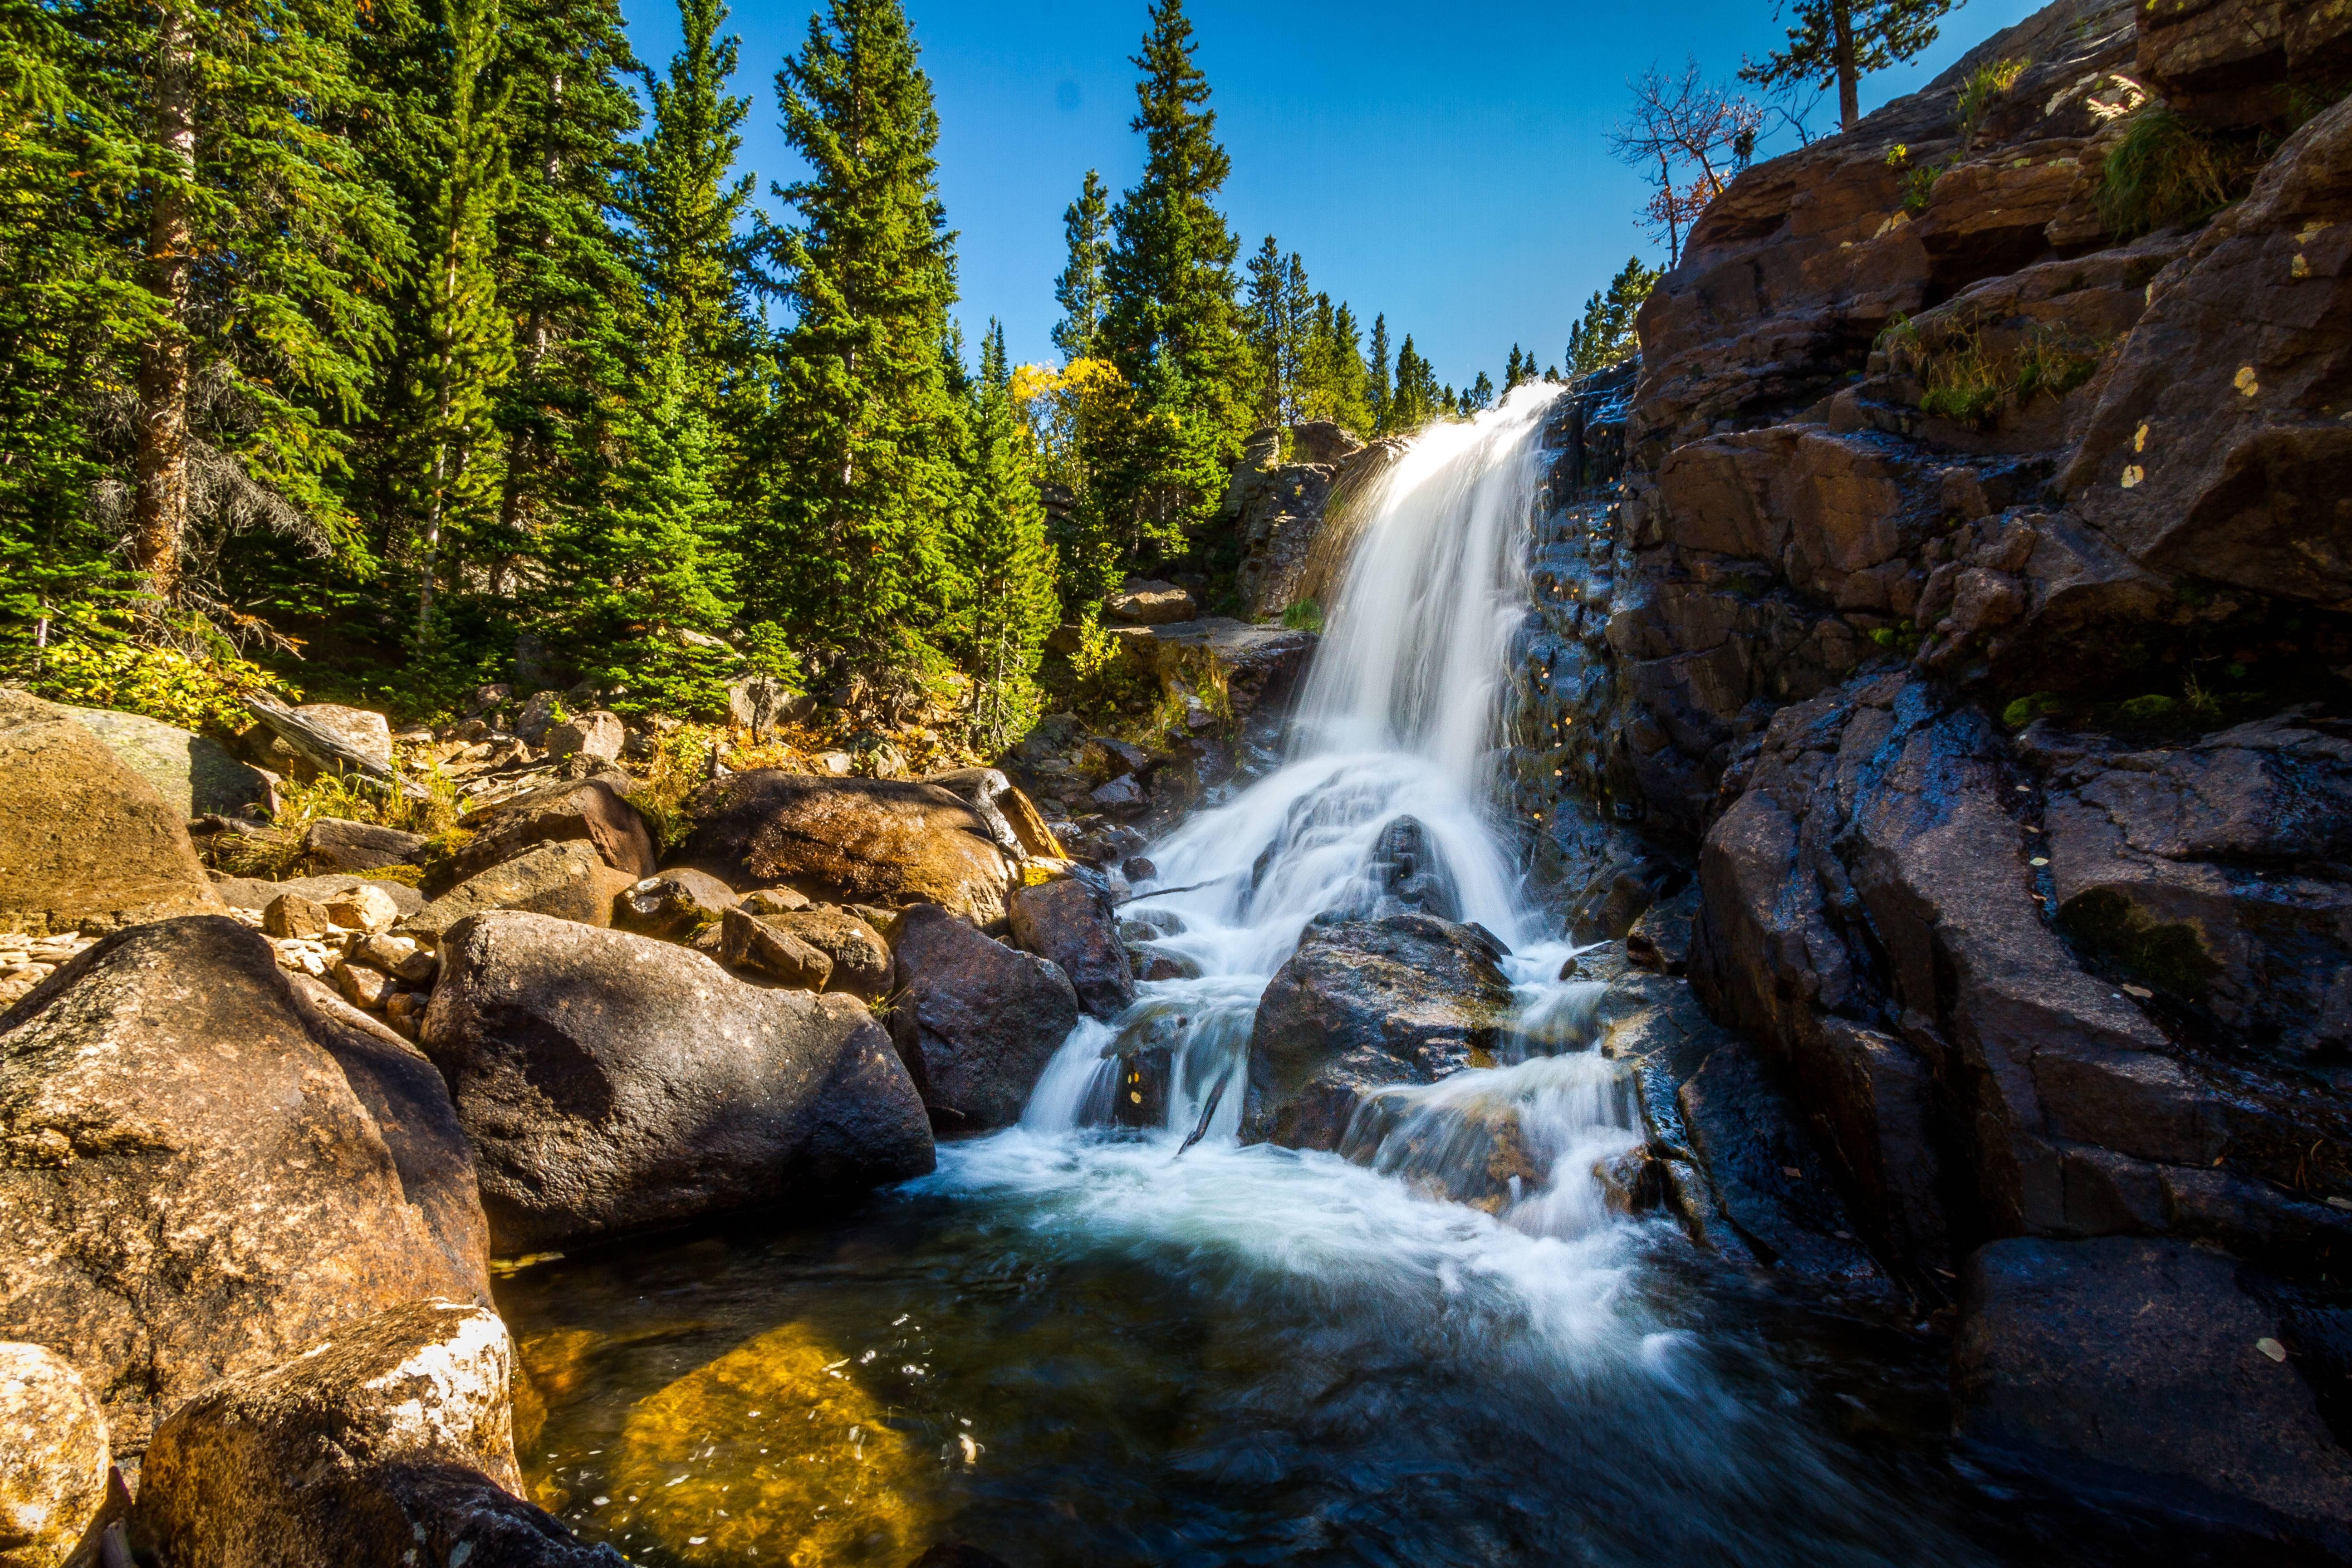 rocky mountain creek wallpaper - photo #25